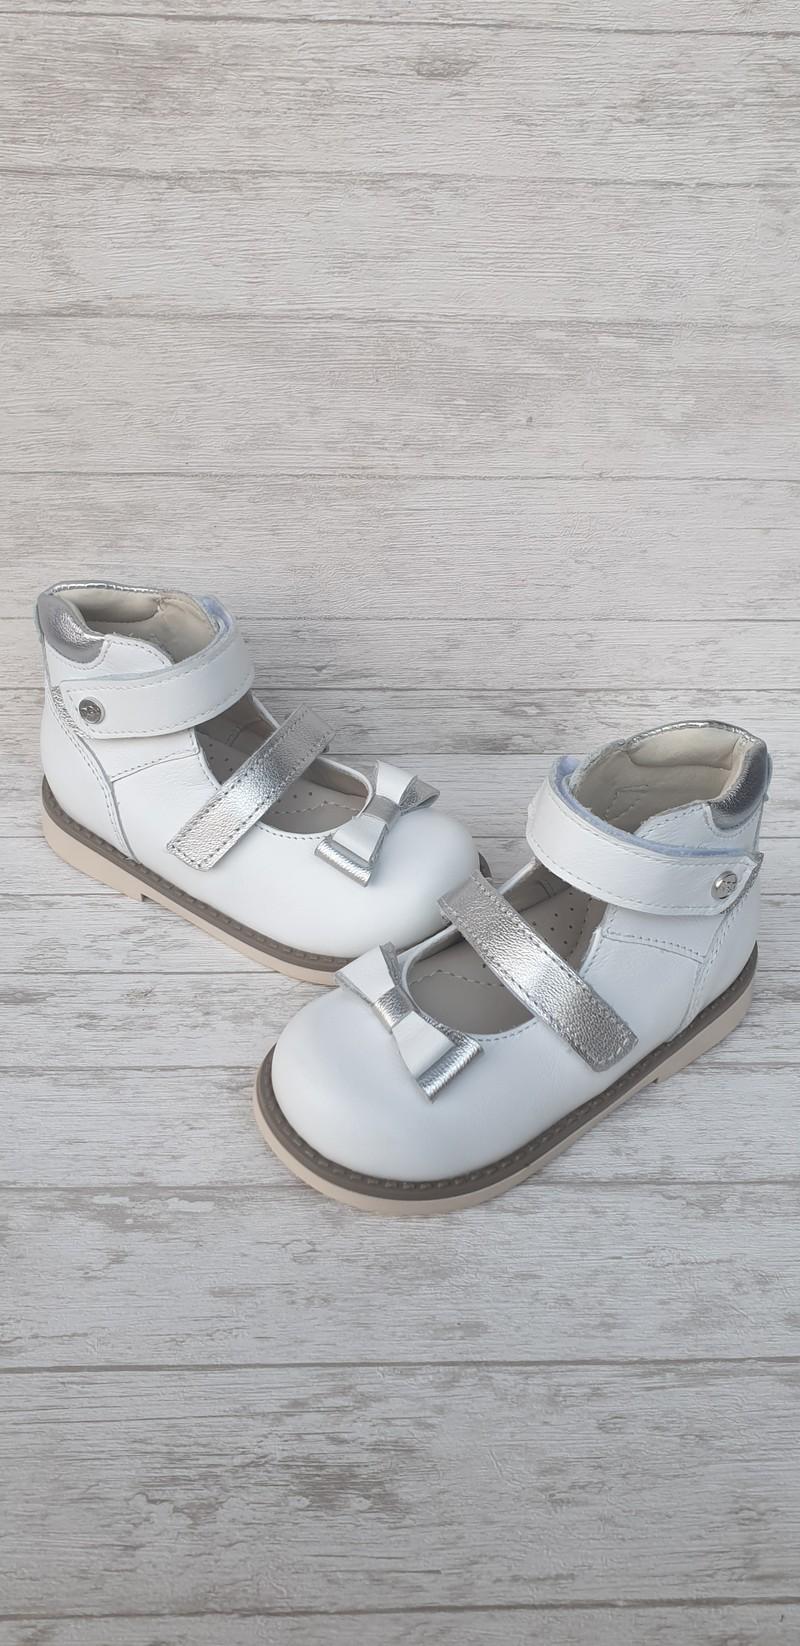 Профилактические туфли. Натуральная кожа внутри и снаружи, стелька с супинатором, жесткий задник. С 23 по 36 р